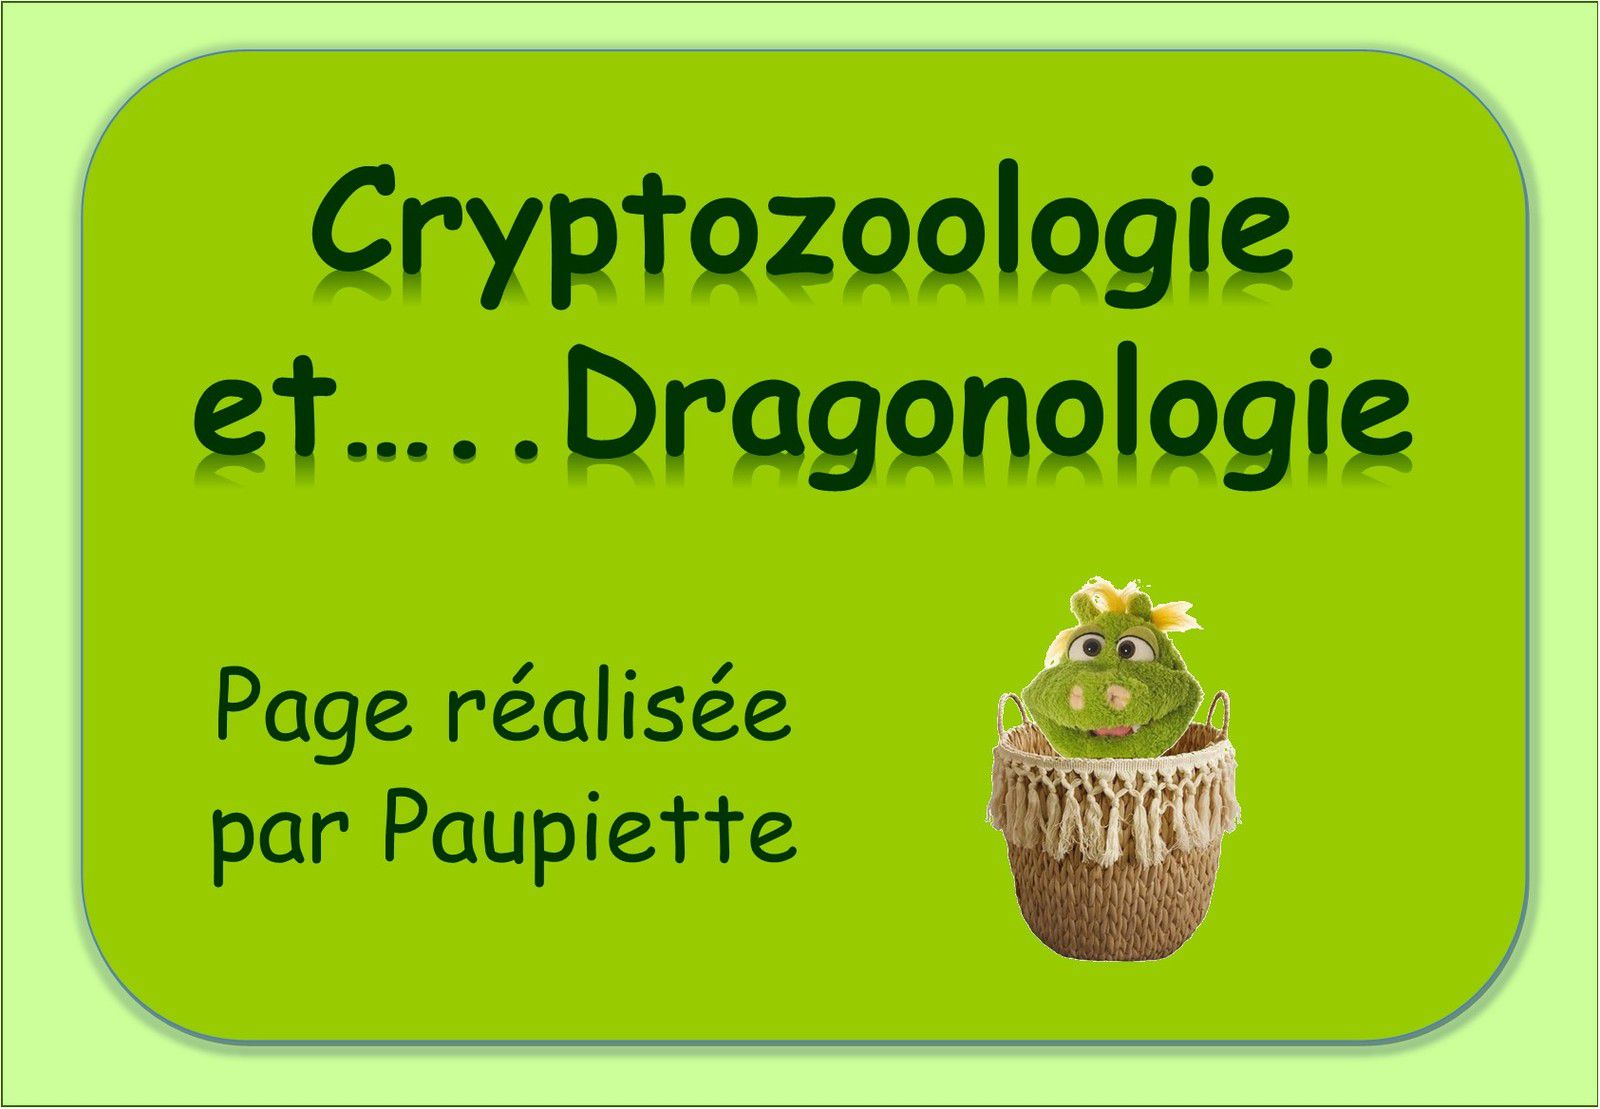 CRYPTOZOOLOGIE ET DRAGONOLOGIE